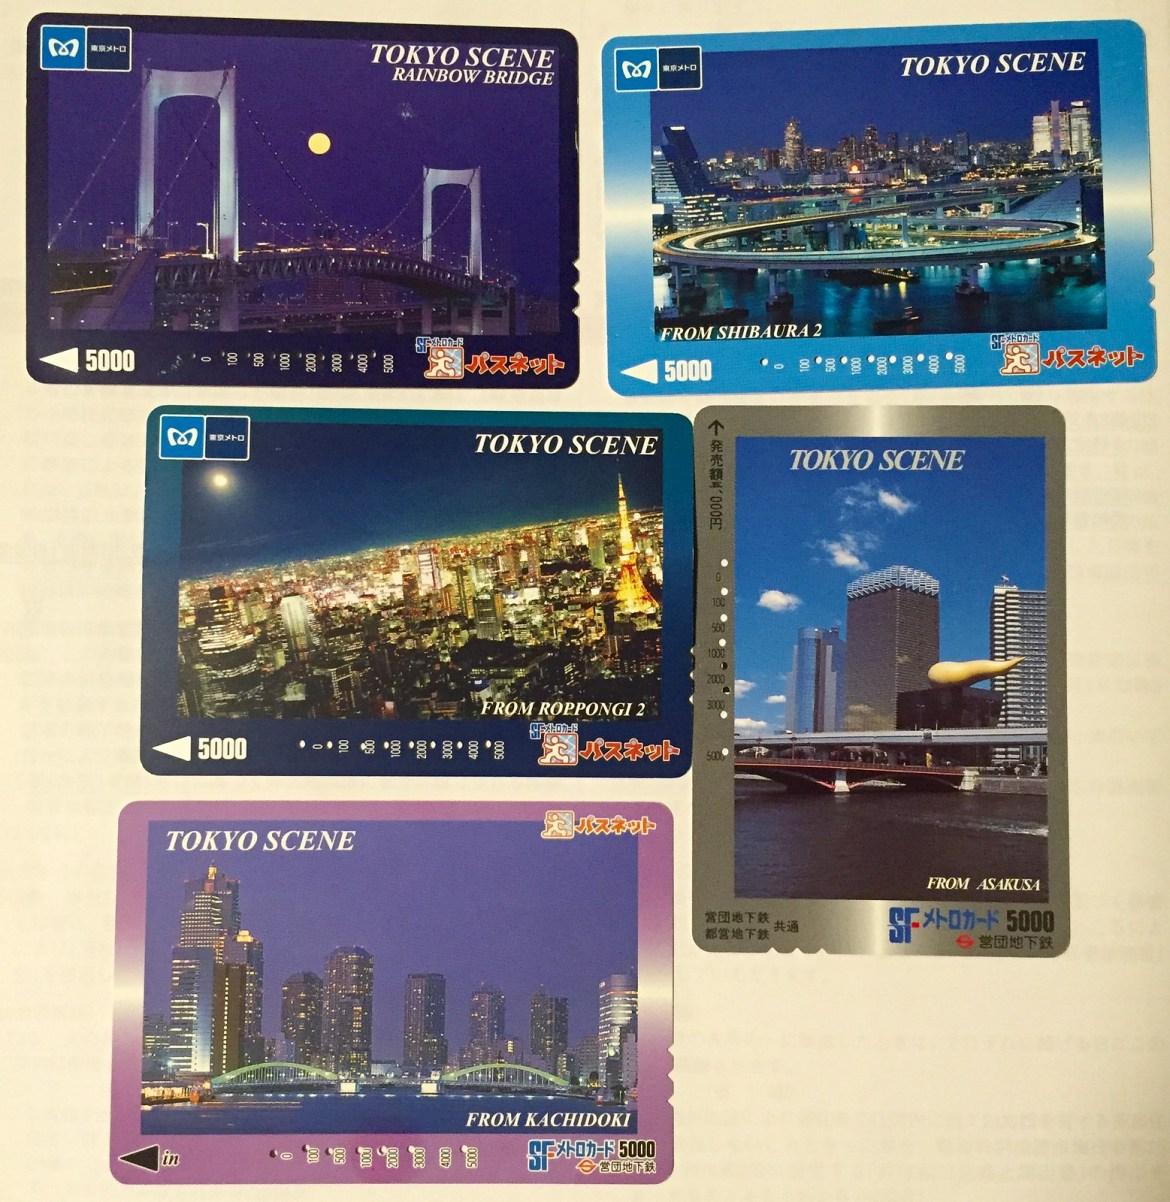 SF Metro Card, Passnet, SFメトロカード、パスネット